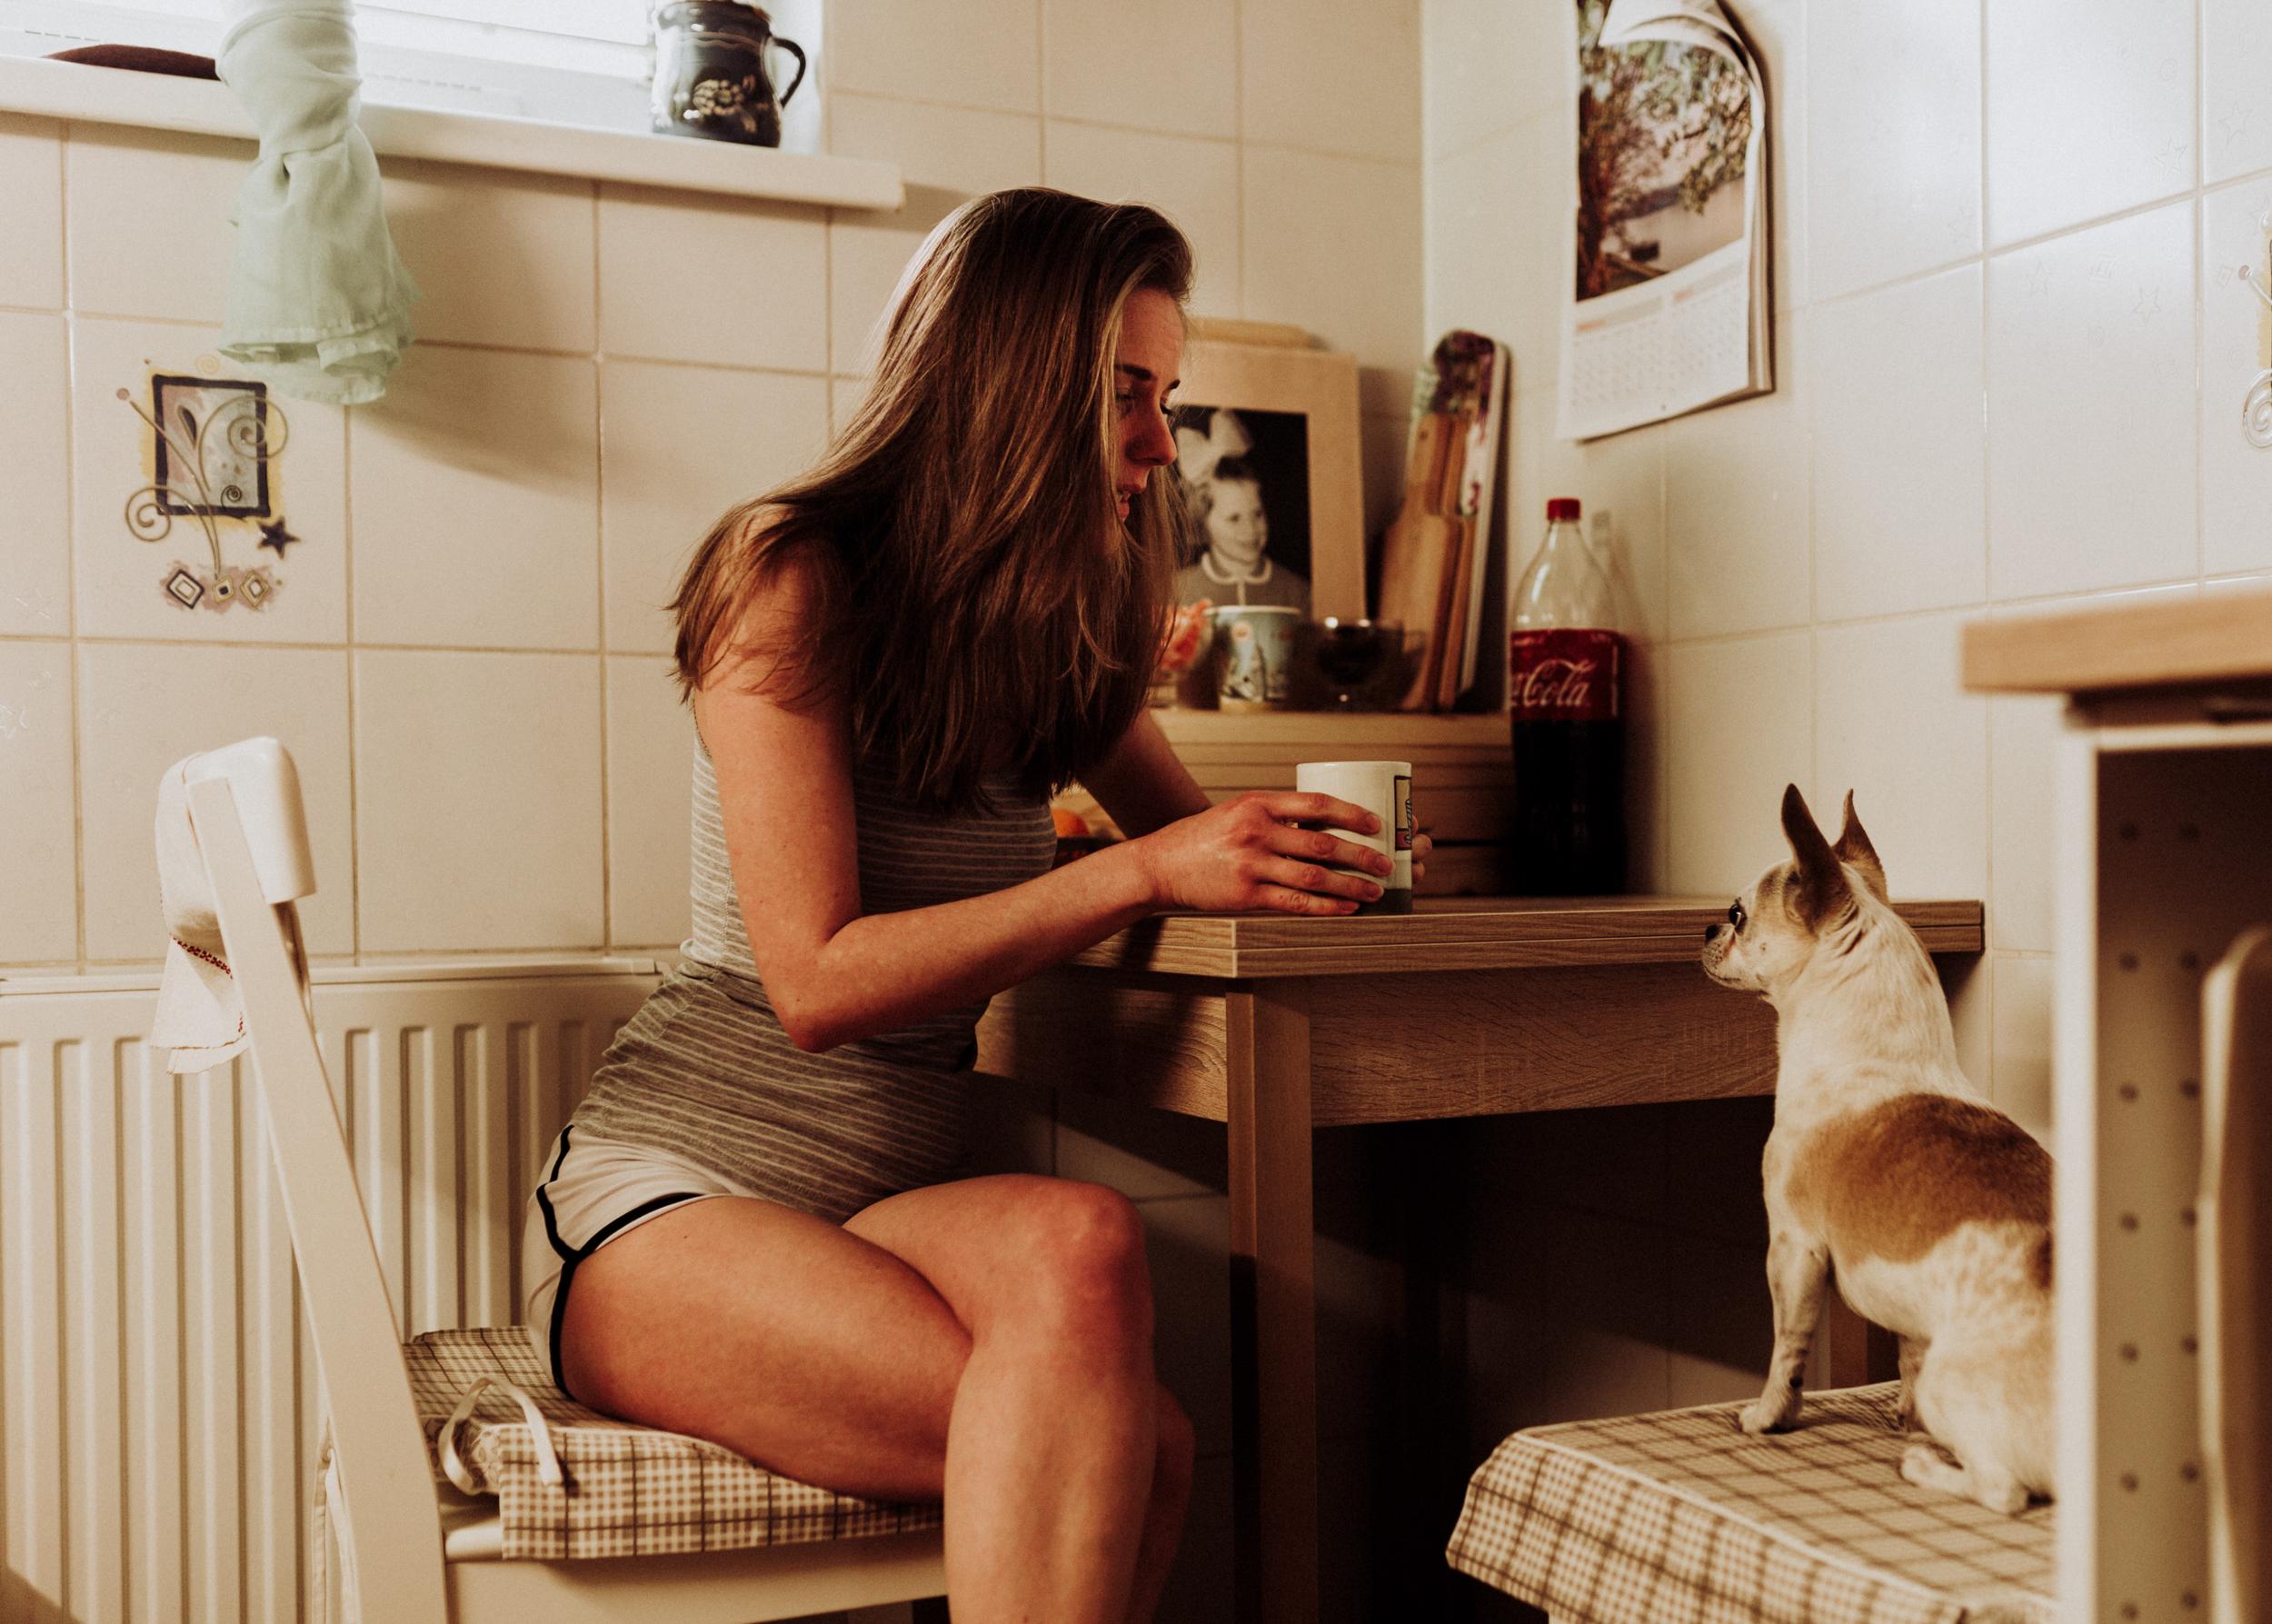 Molly otthoni lifestyle portré fotó. A tea az anyué!